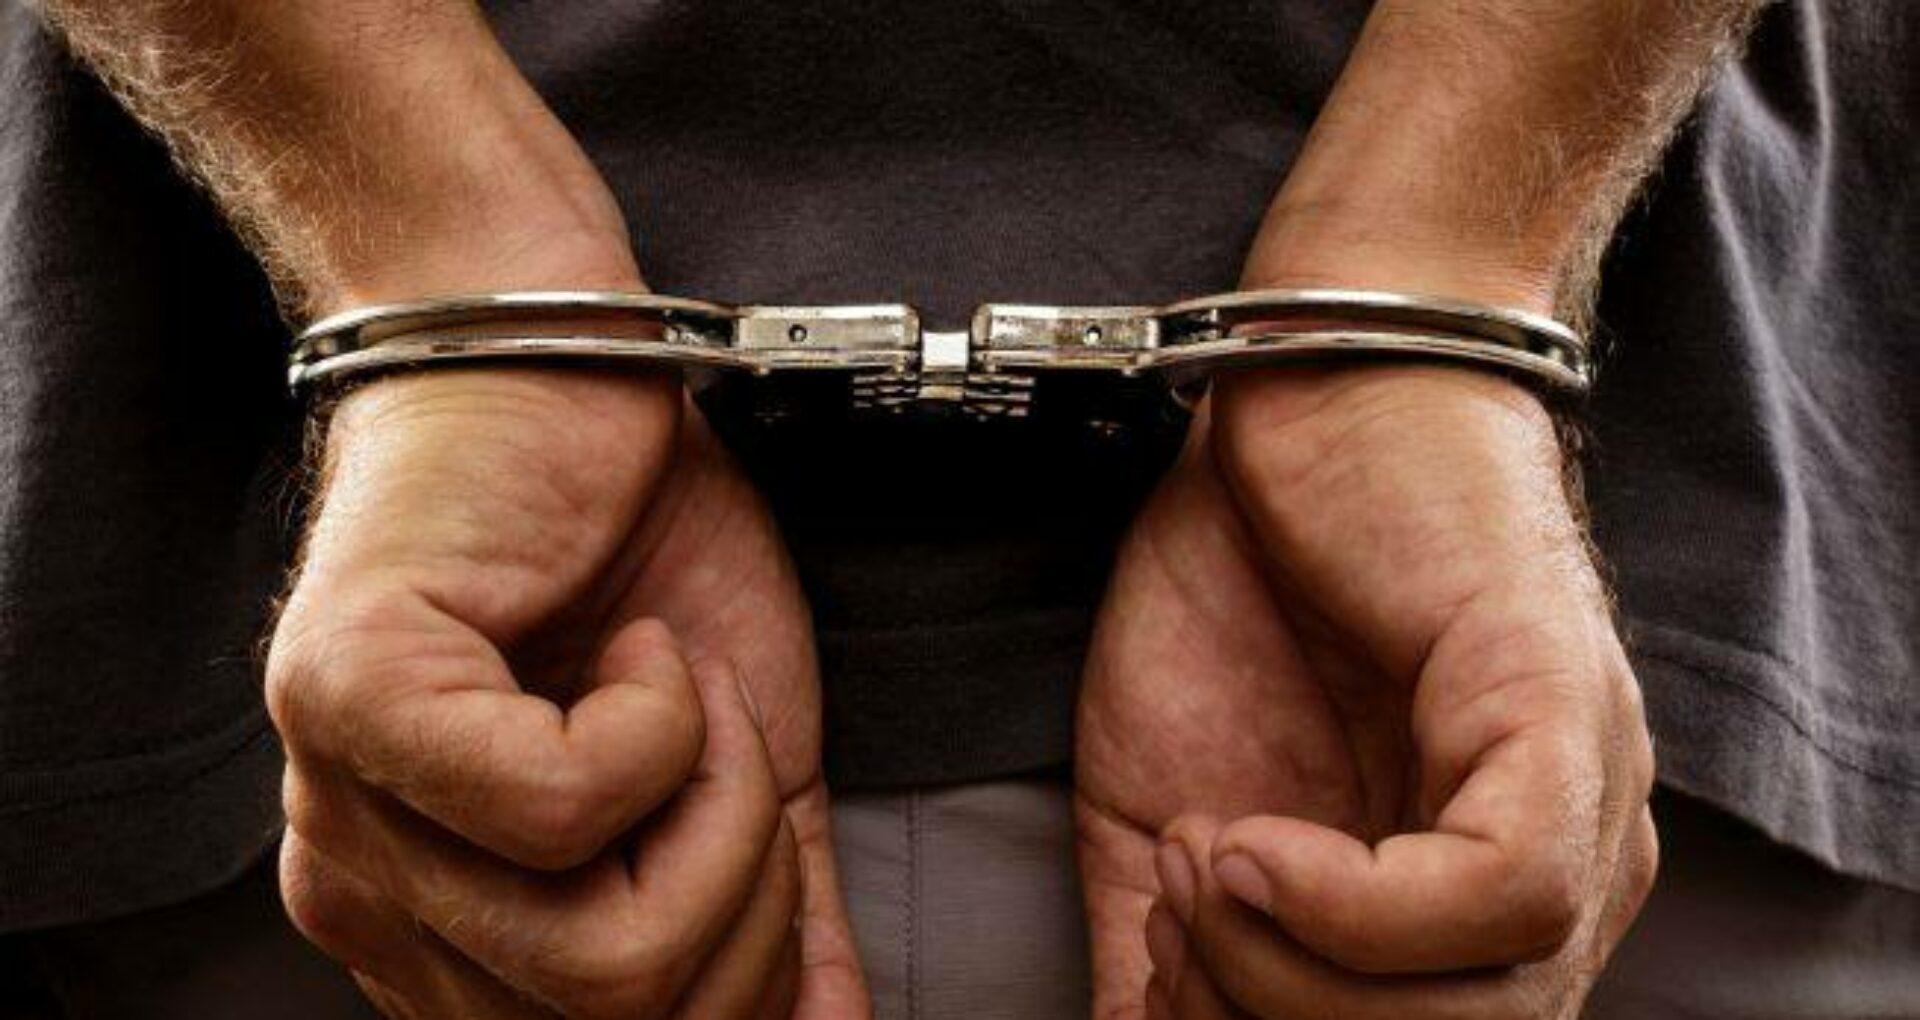 Cinci membri ai unui grup criminal organizat, reținuți pentru trafic de droguri din UE